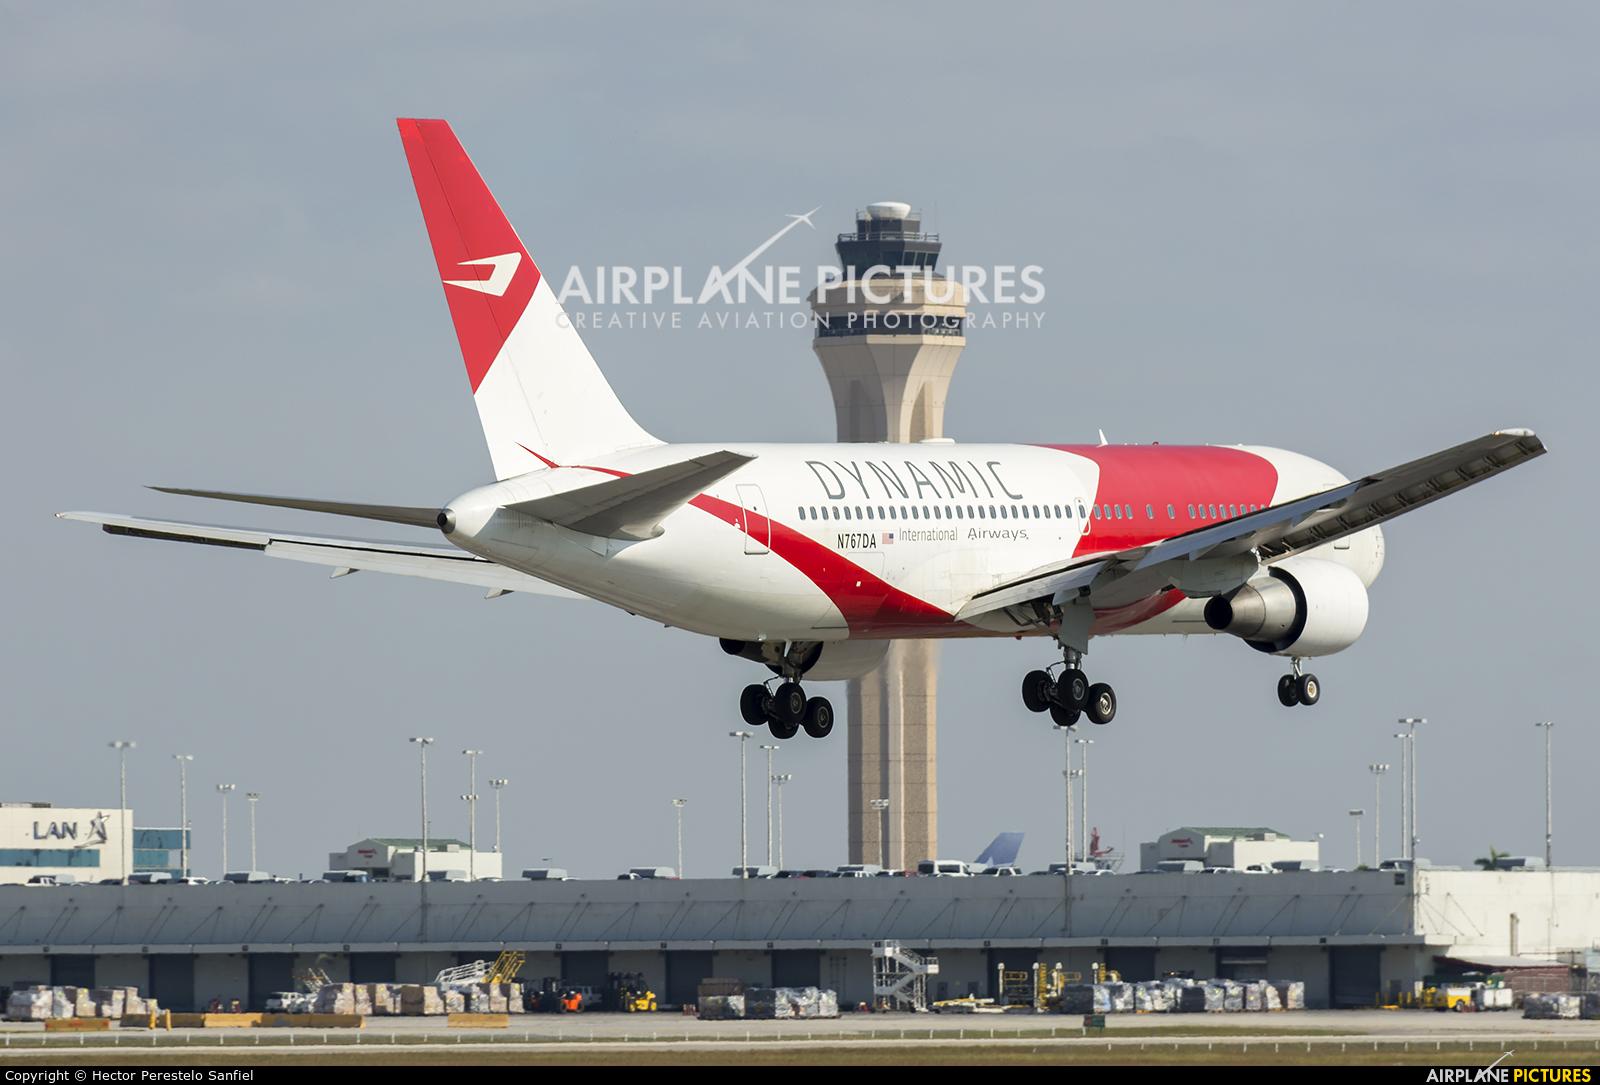 Dynamic Airways N767DA aircraft at Miami Intl